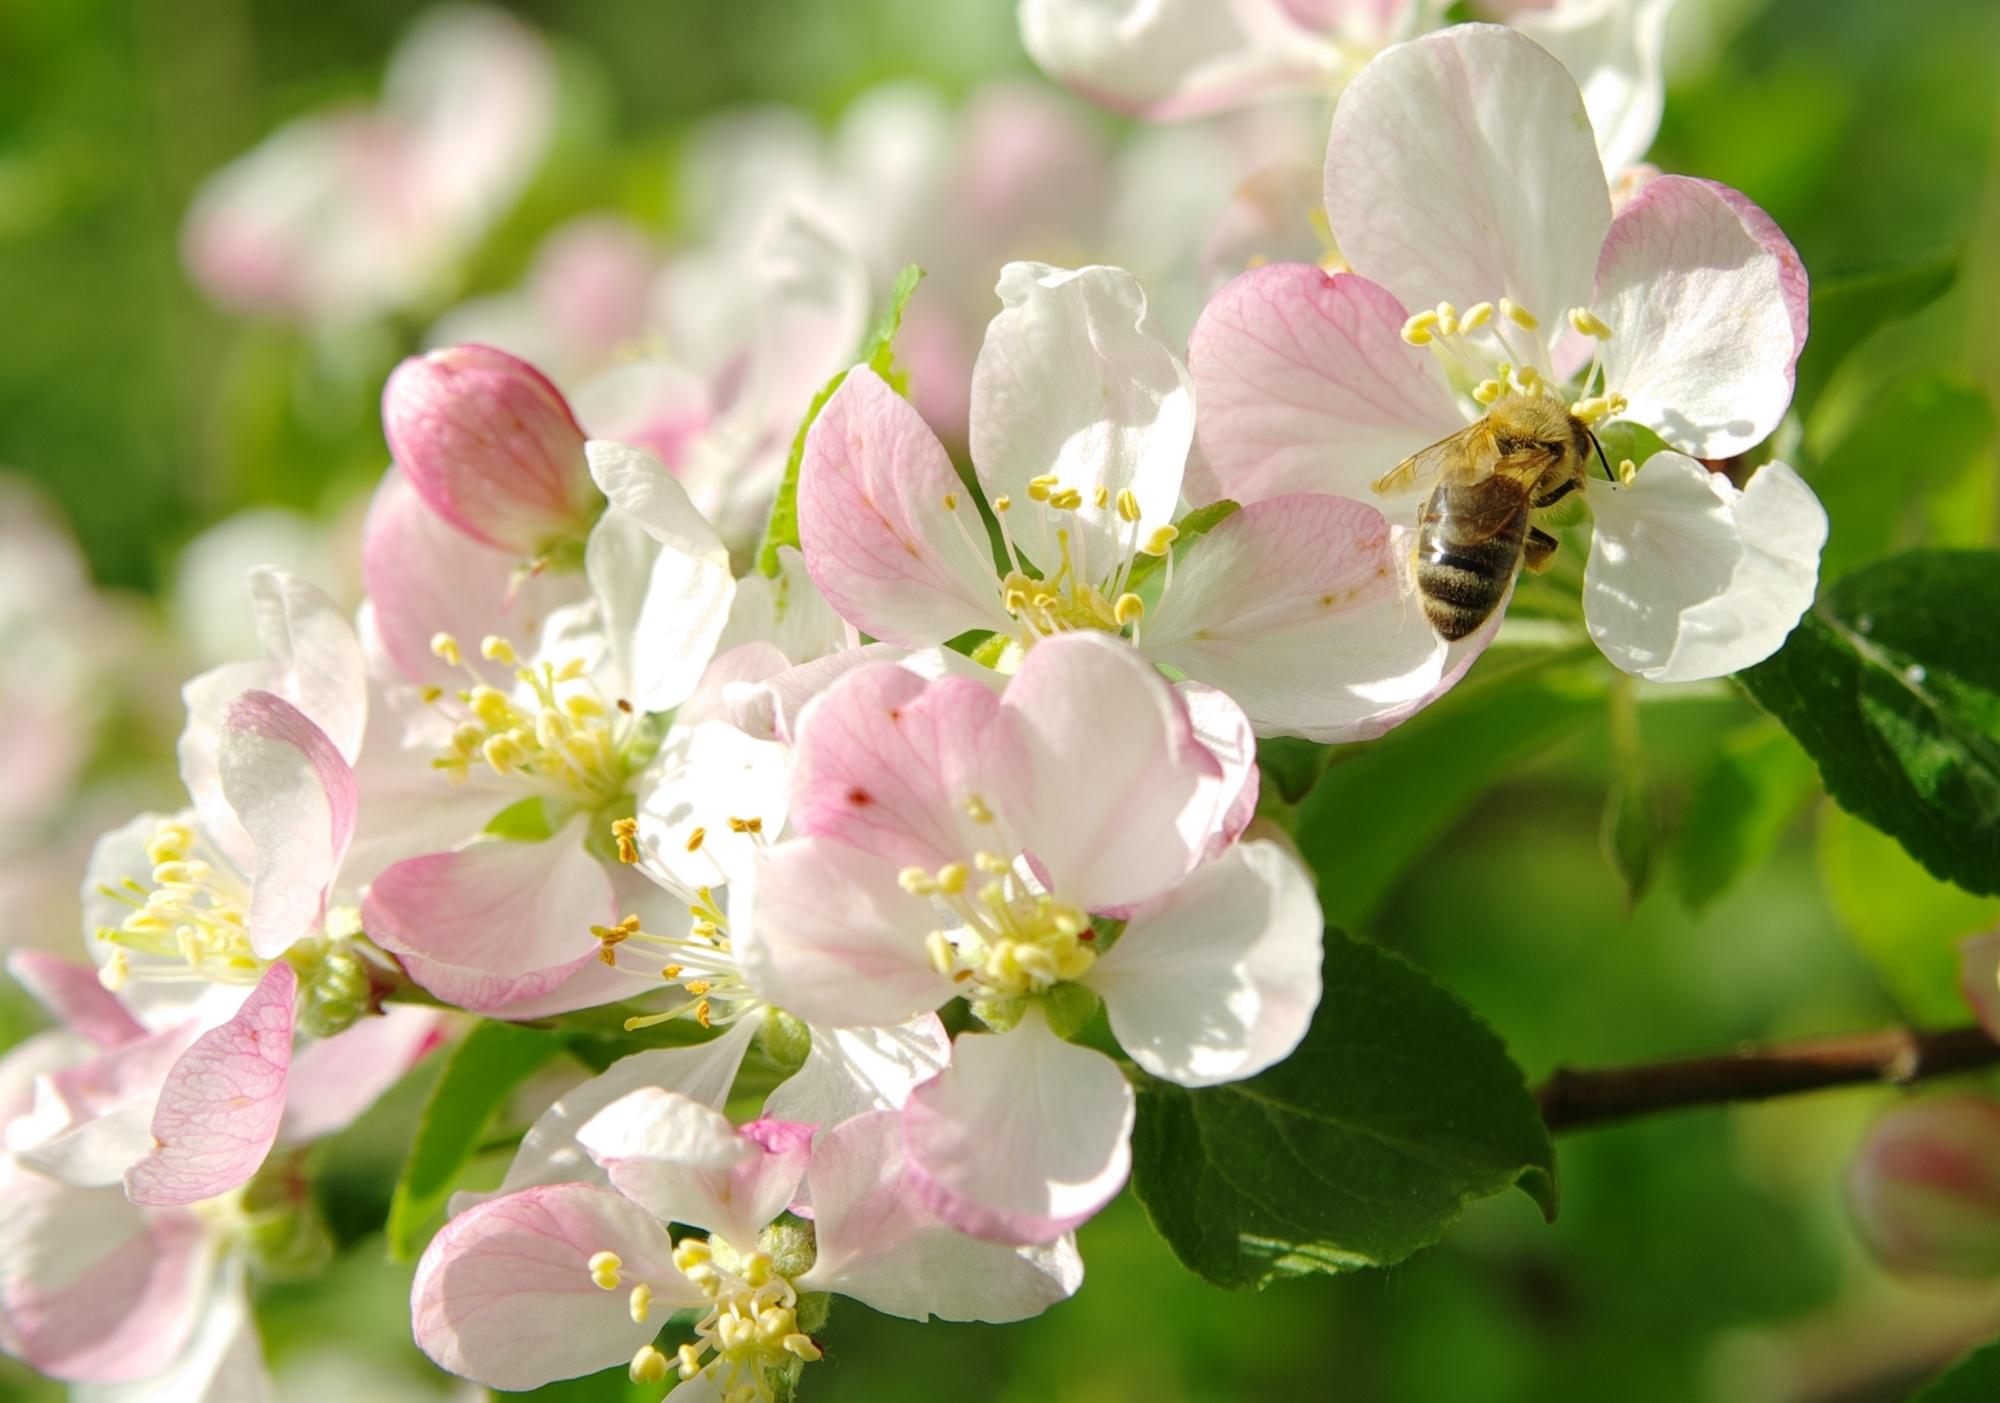 Картинка с яблоневым цветом, подписать